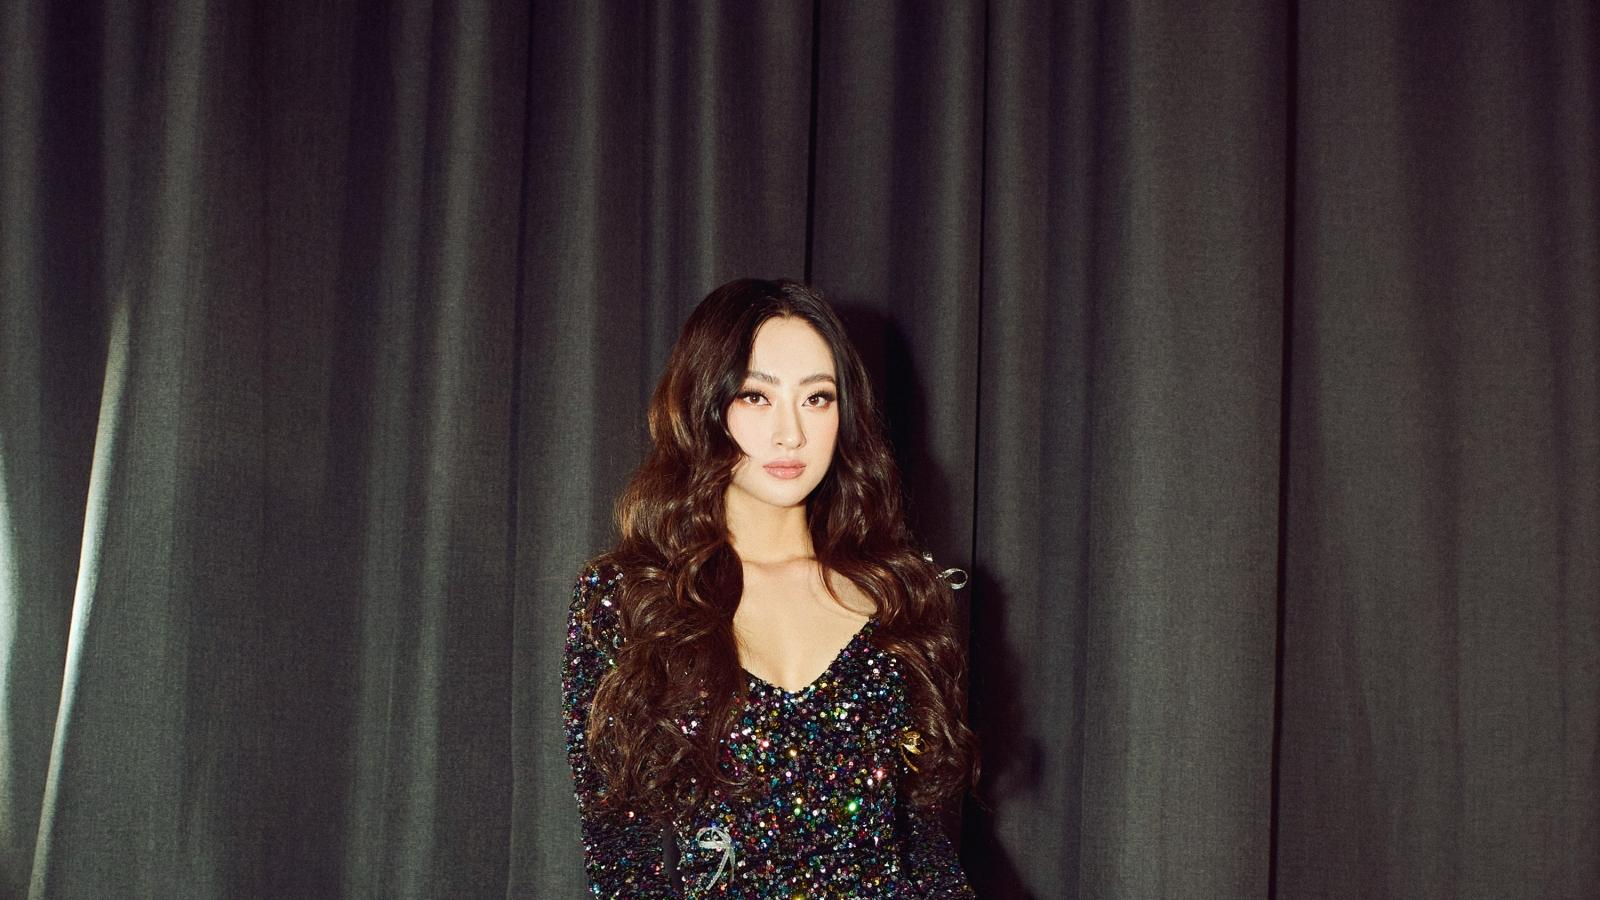 Hoa hậu Lương Thùy Linh hóa thân thành búp bê trên sàn diễn thời trang